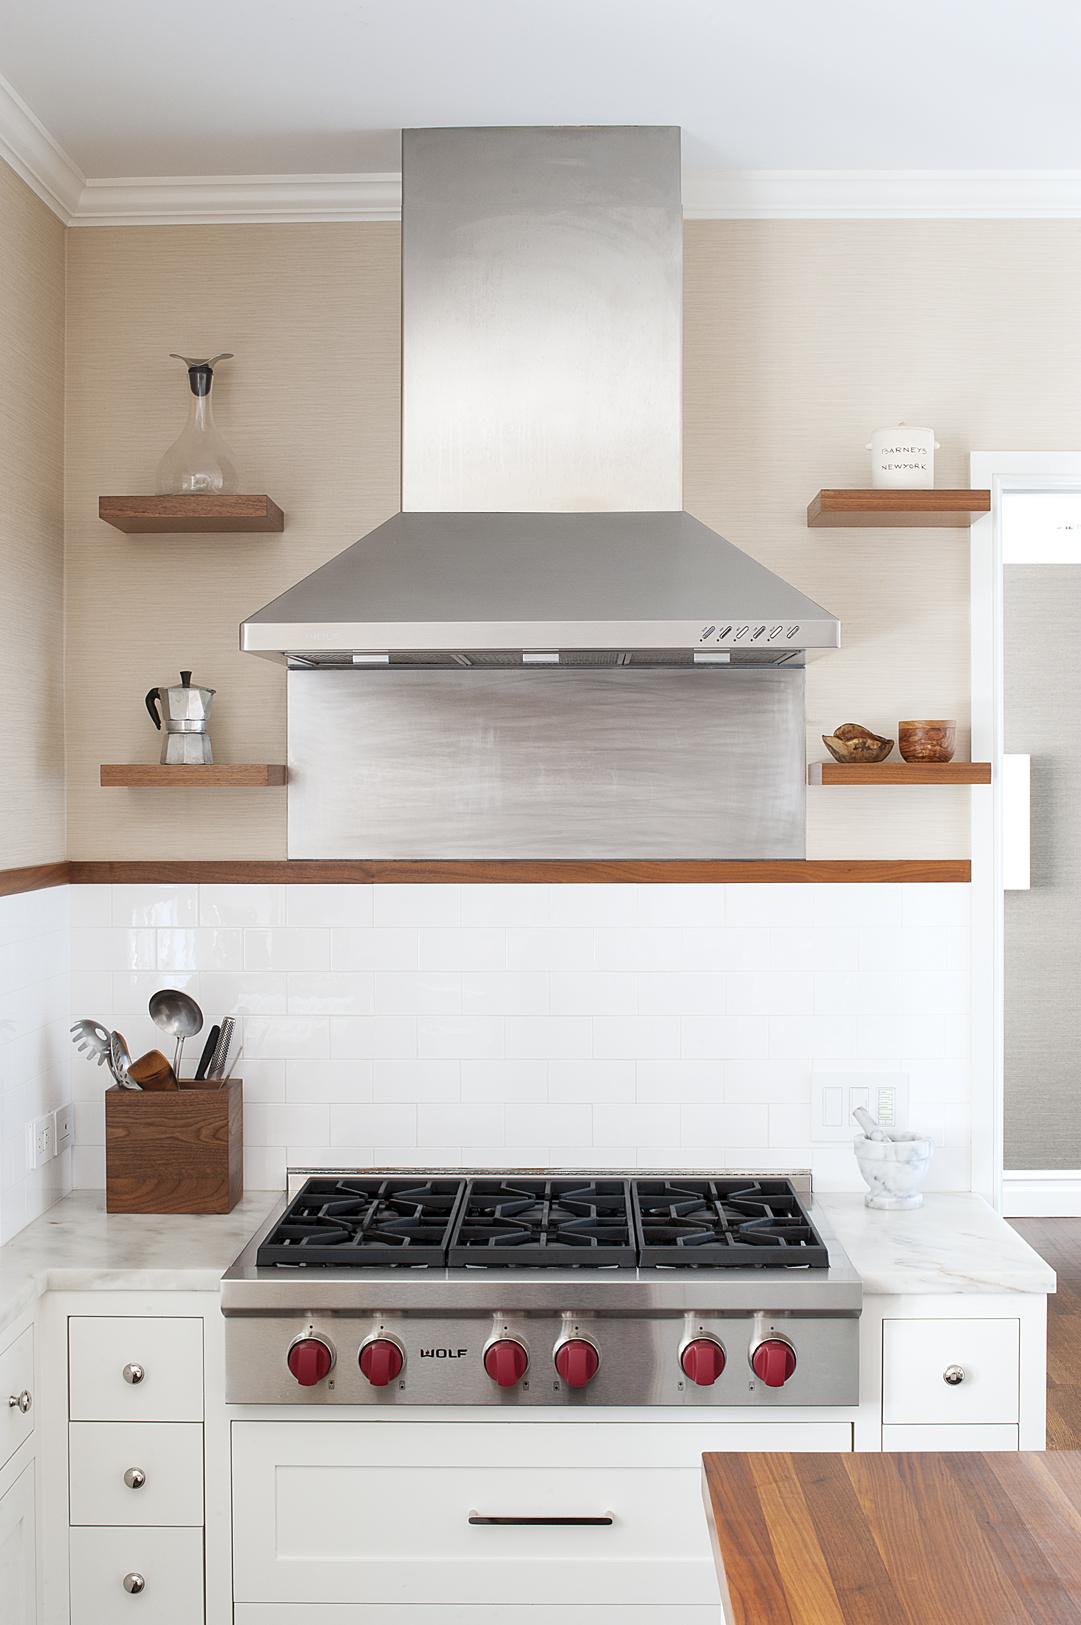 lee_kitchen_01 copy.jpg